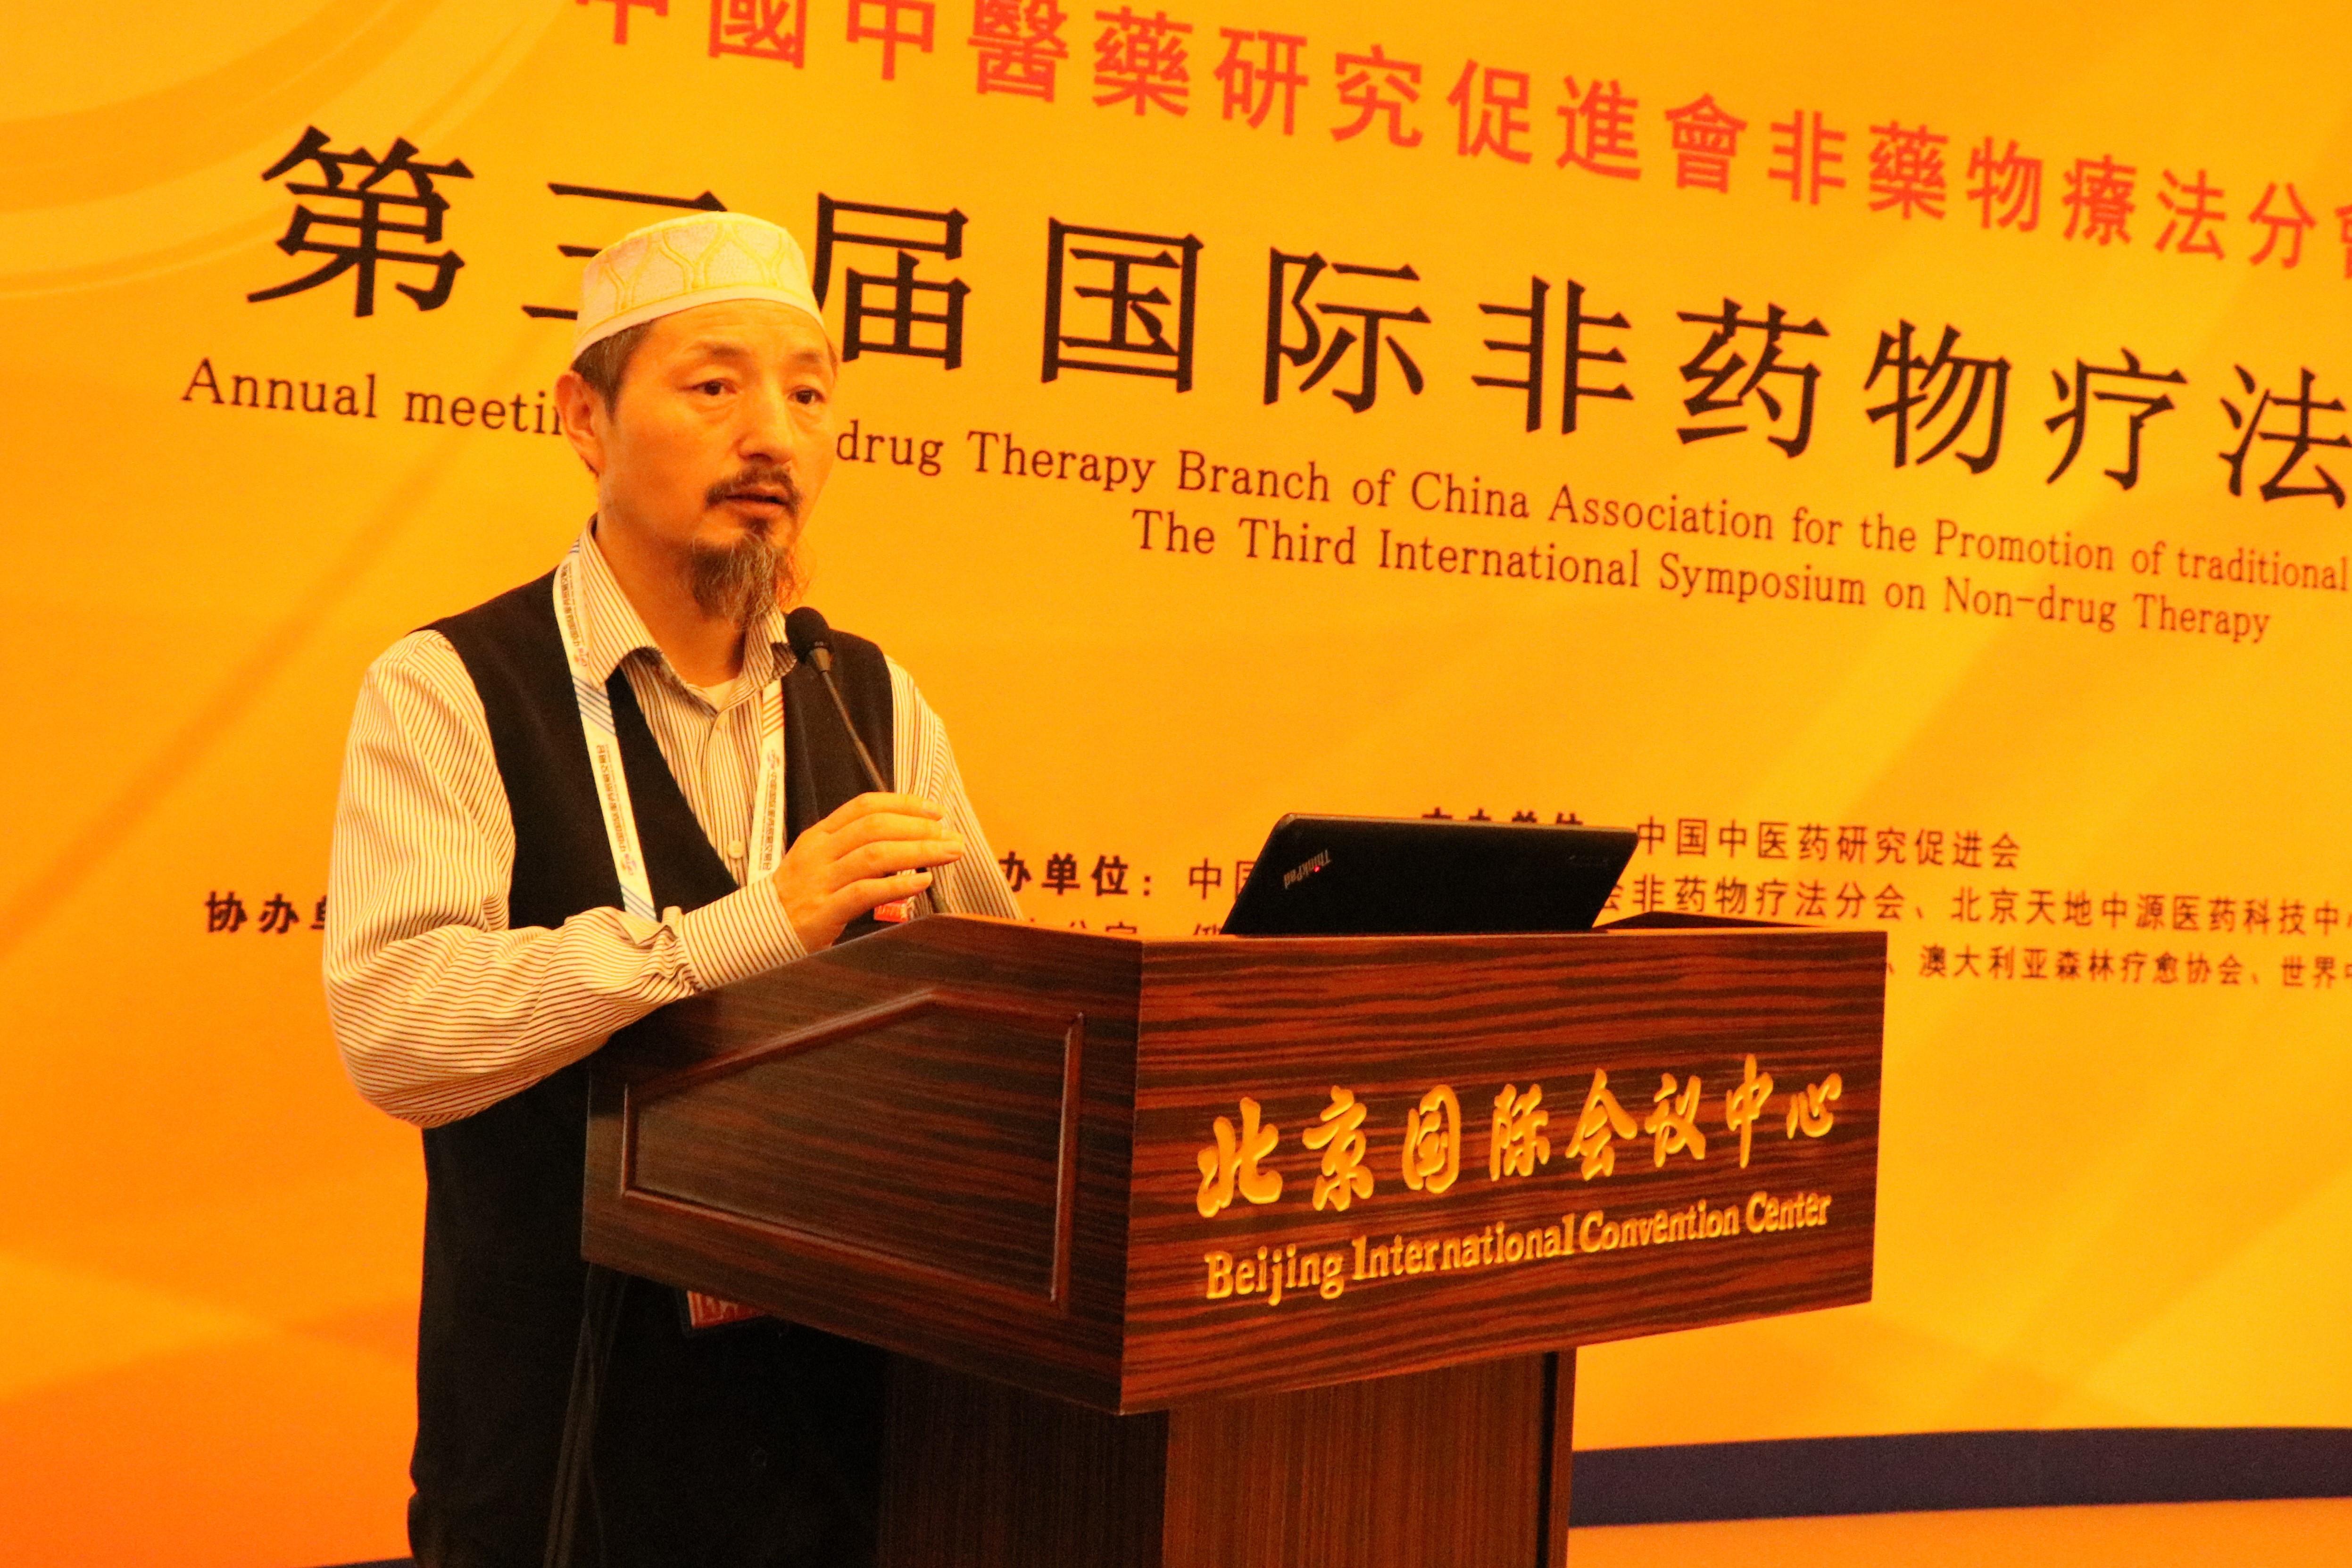 我国著名回医马忠义教授应邀出席第三届国际非药物疗法研讨会并发表主旨演讲